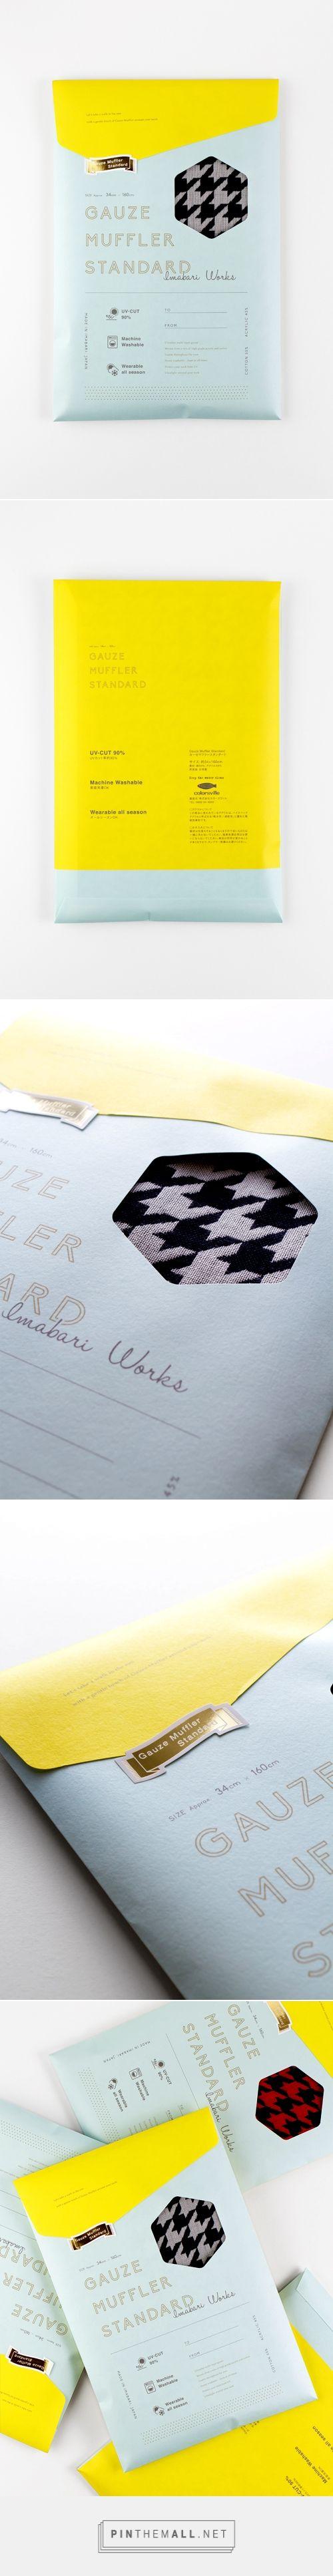 GAUZE MUFFLER STANDARD | Grand Deluxe 【愛媛松山/デザイン】